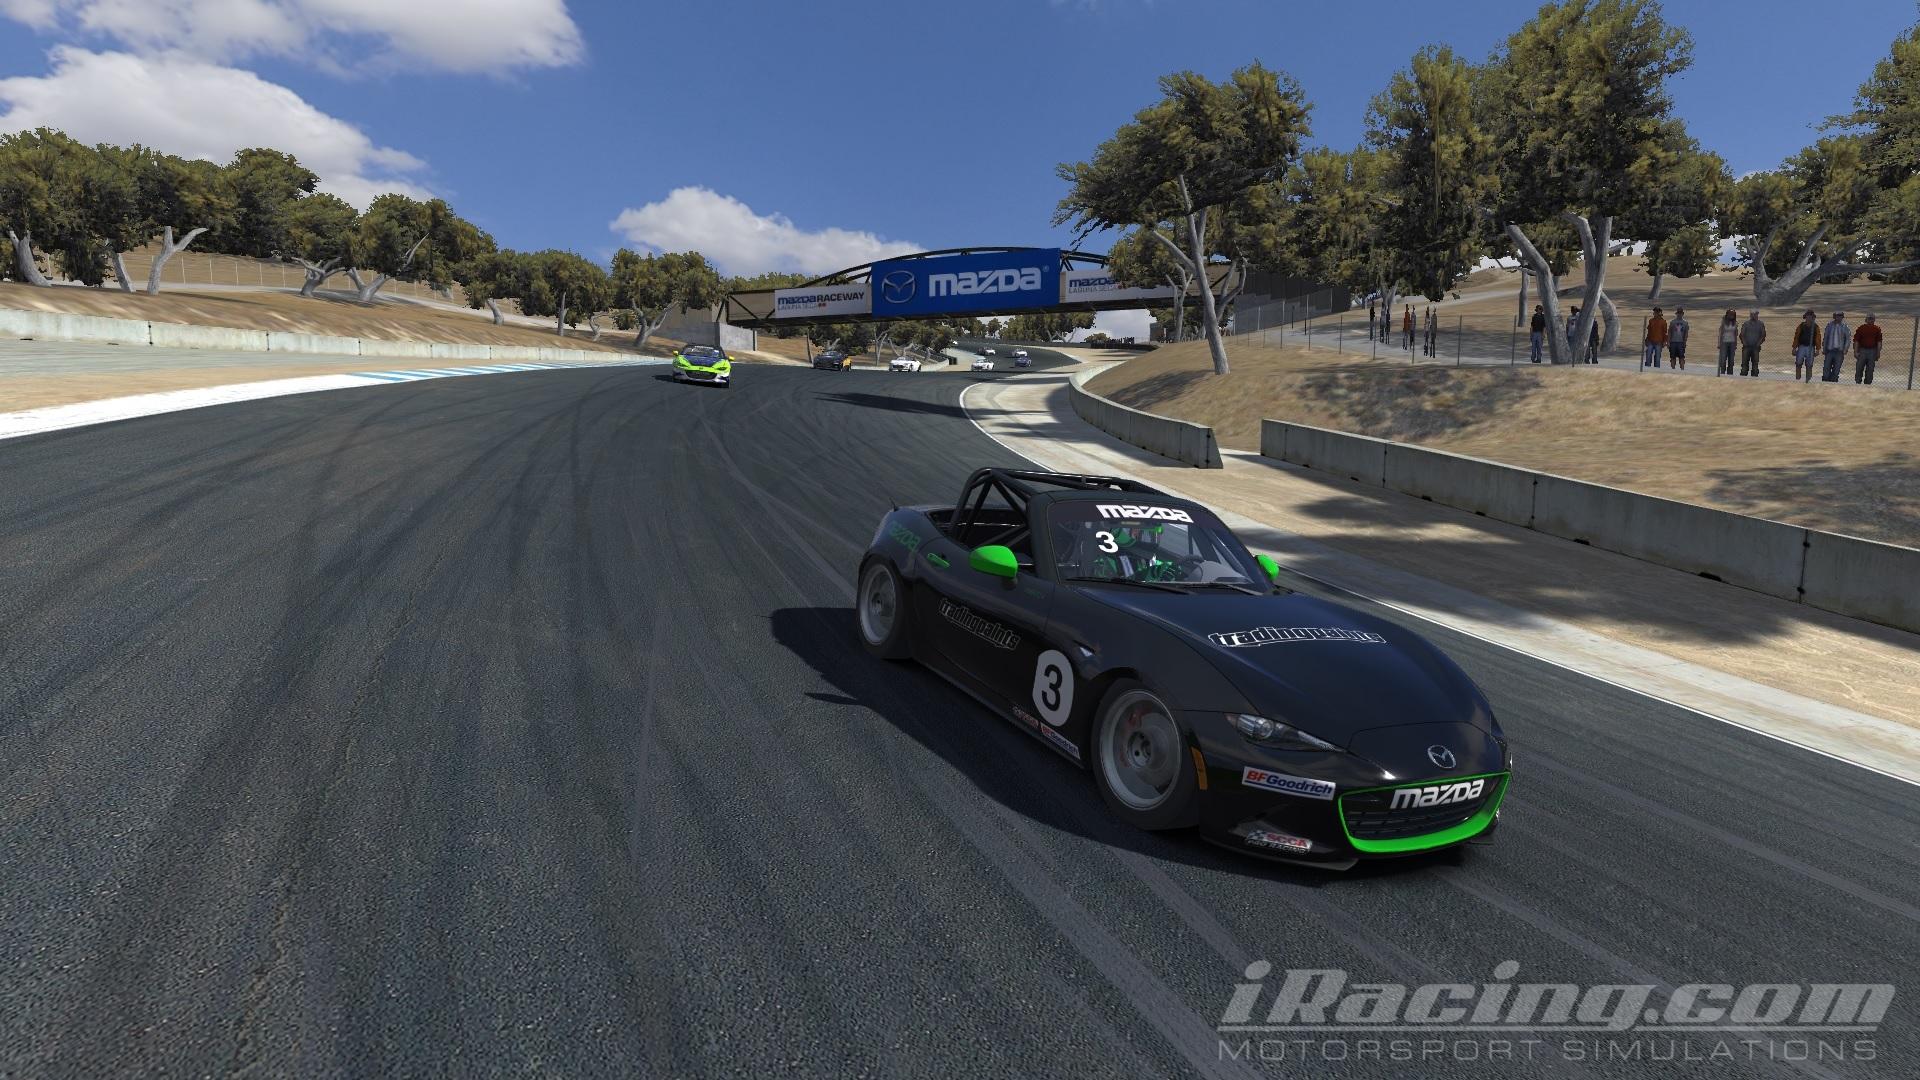 Mazda Raceway Laguna Seca >> European Mx 5 Cup Season Opens At Mazda Raceway Laguna Seca